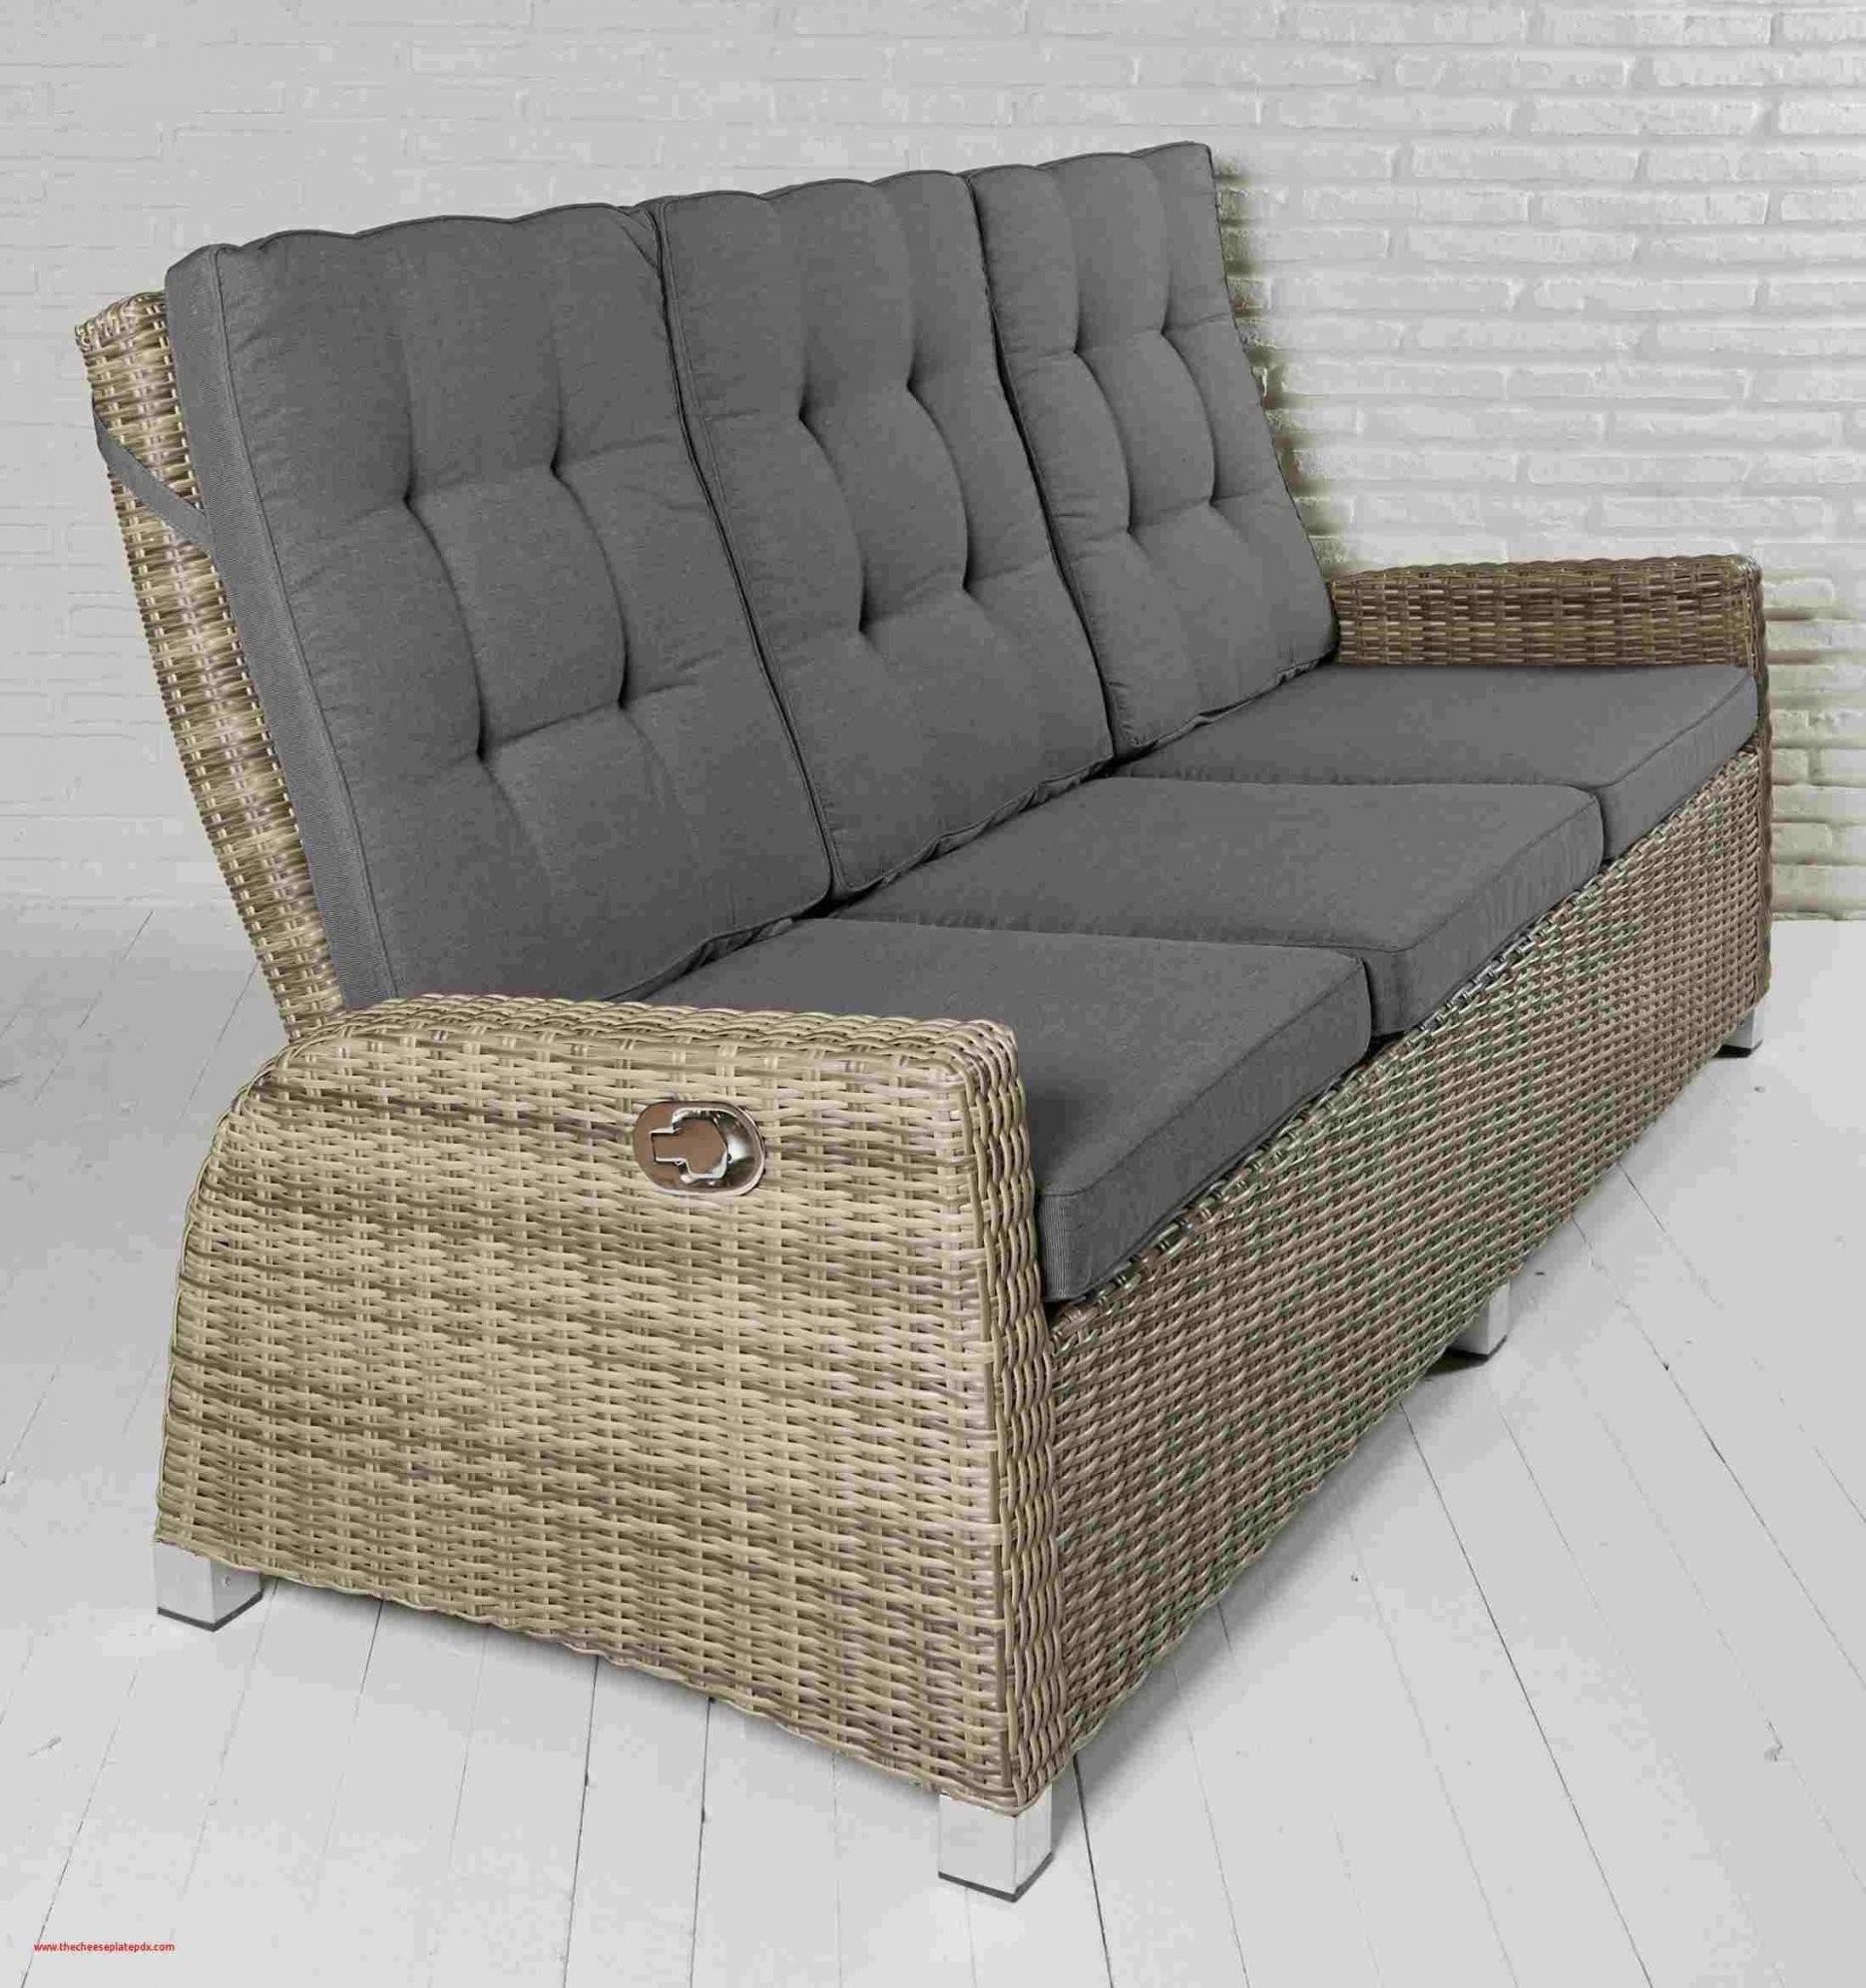 Schmales Schlafsofa Frisch Schmale Couch Frisch Zwei Sitz Sofa von Zwei Sitz Sofa Photo